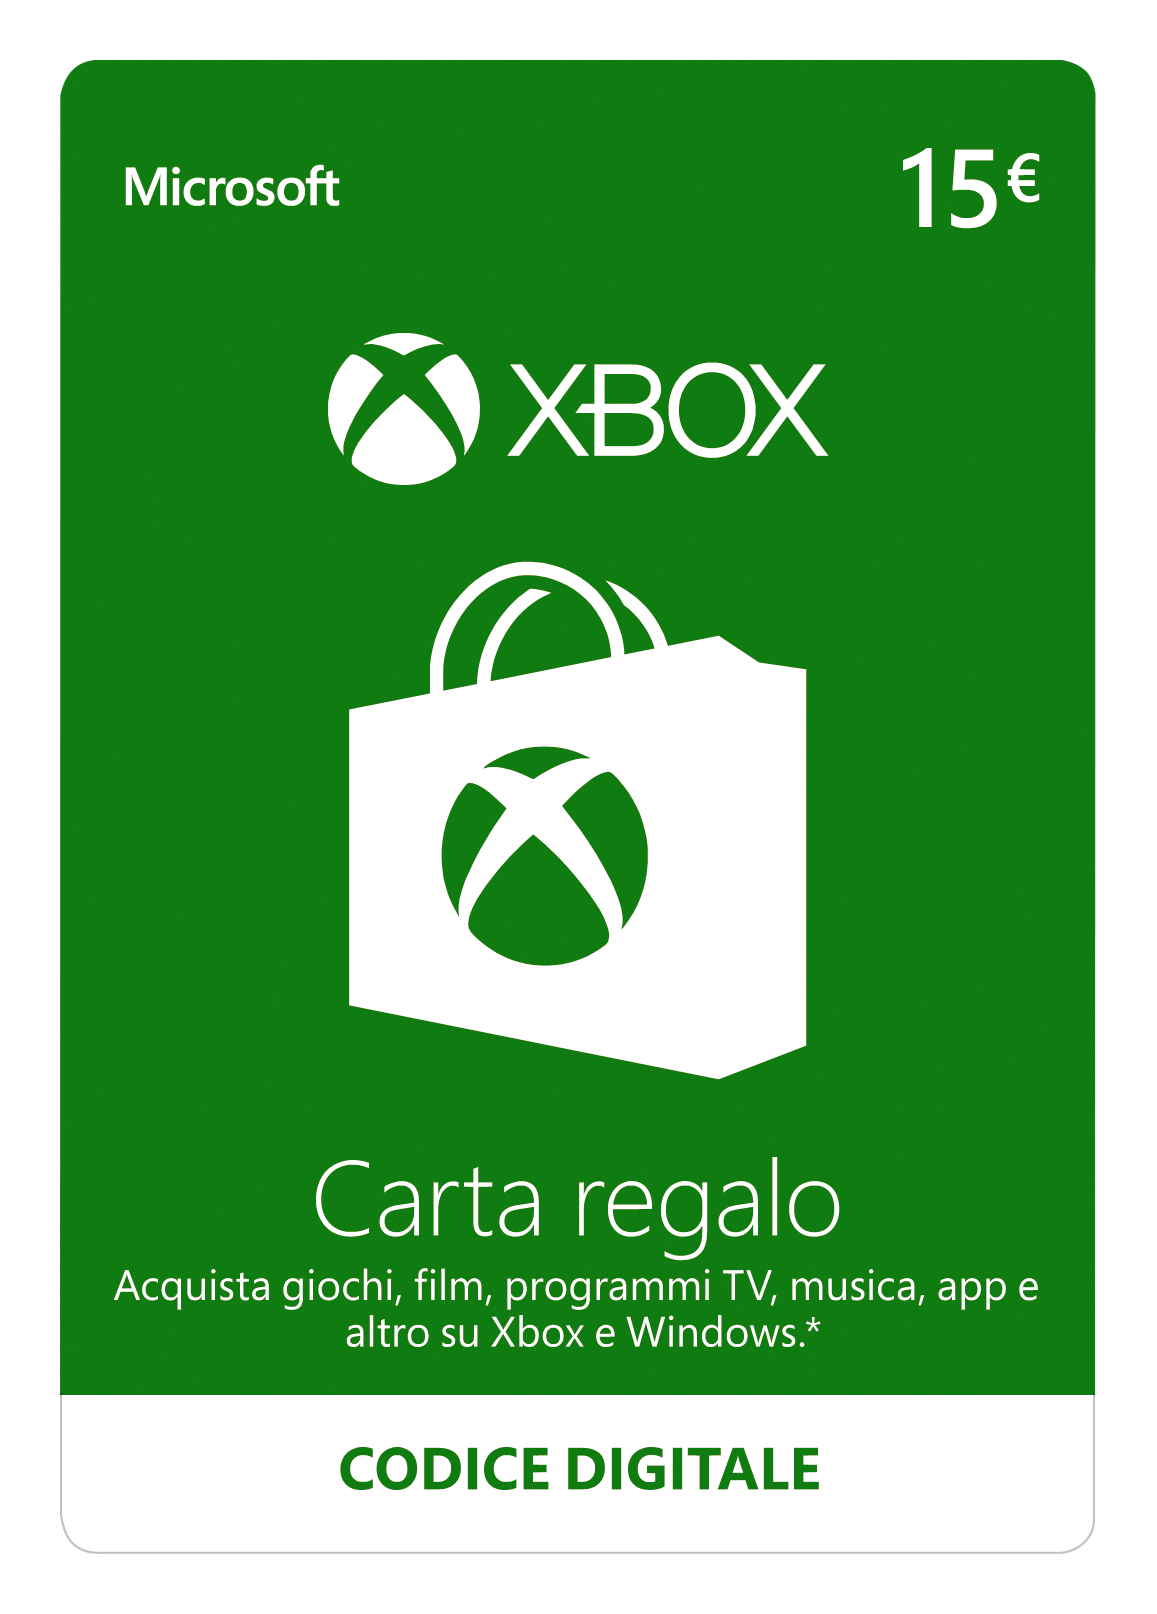 Xbox Live - 15 EUR Carta Regalo [Xbox Live Codice Digital]